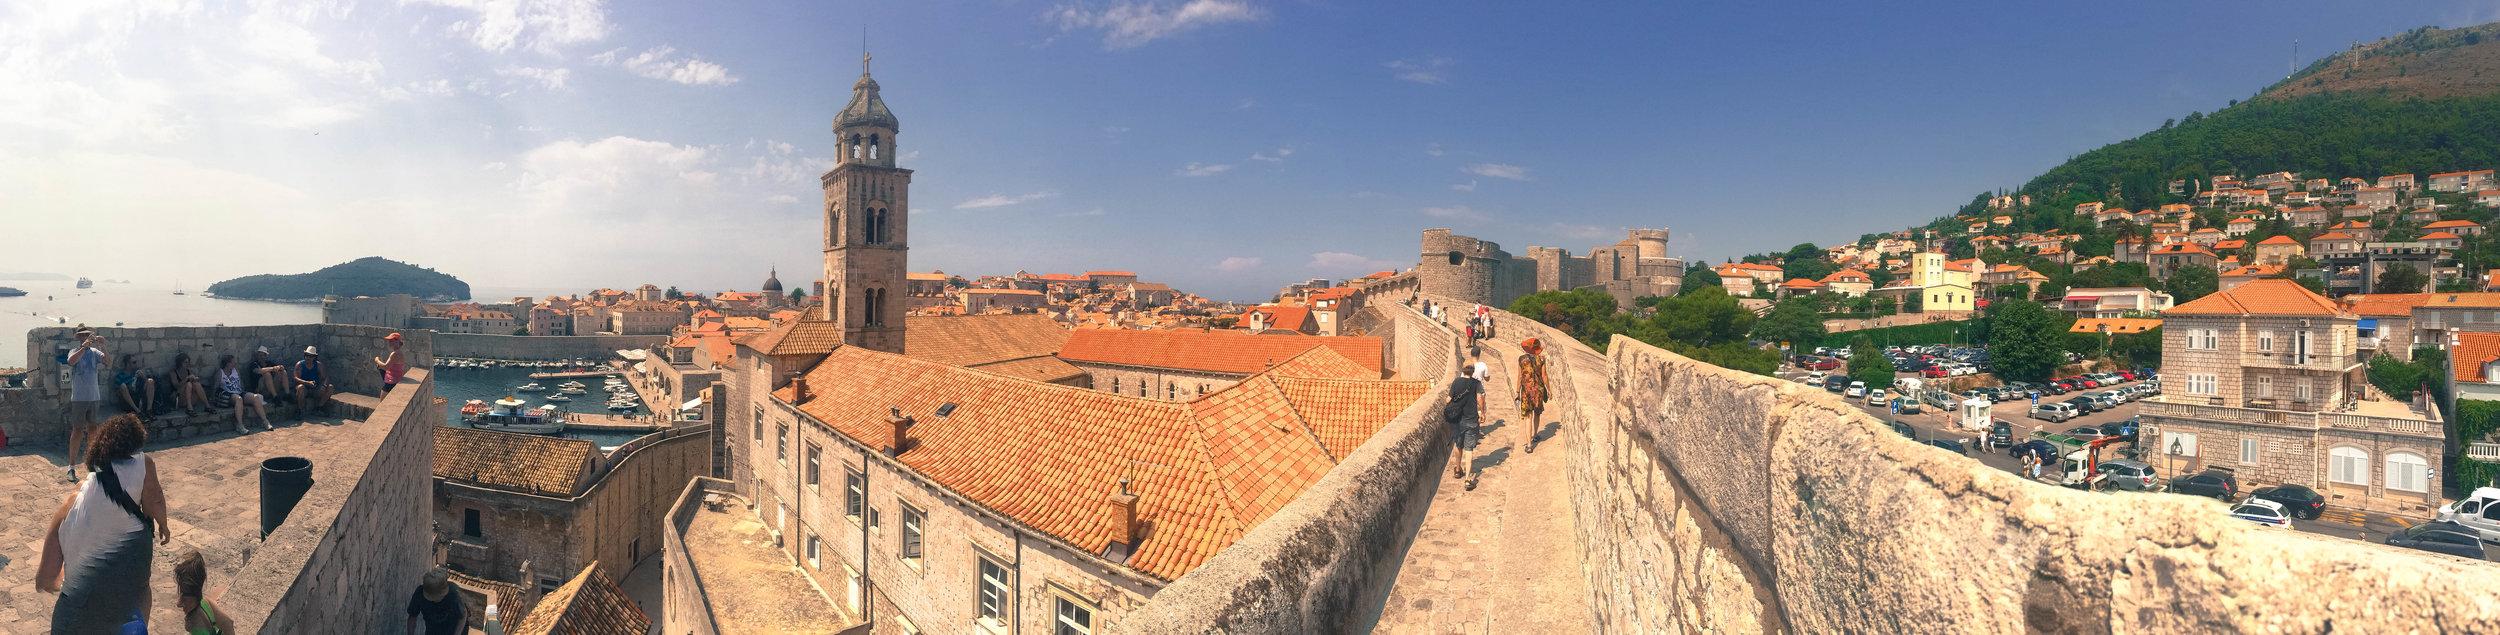 Panorama of Dubrovnik.